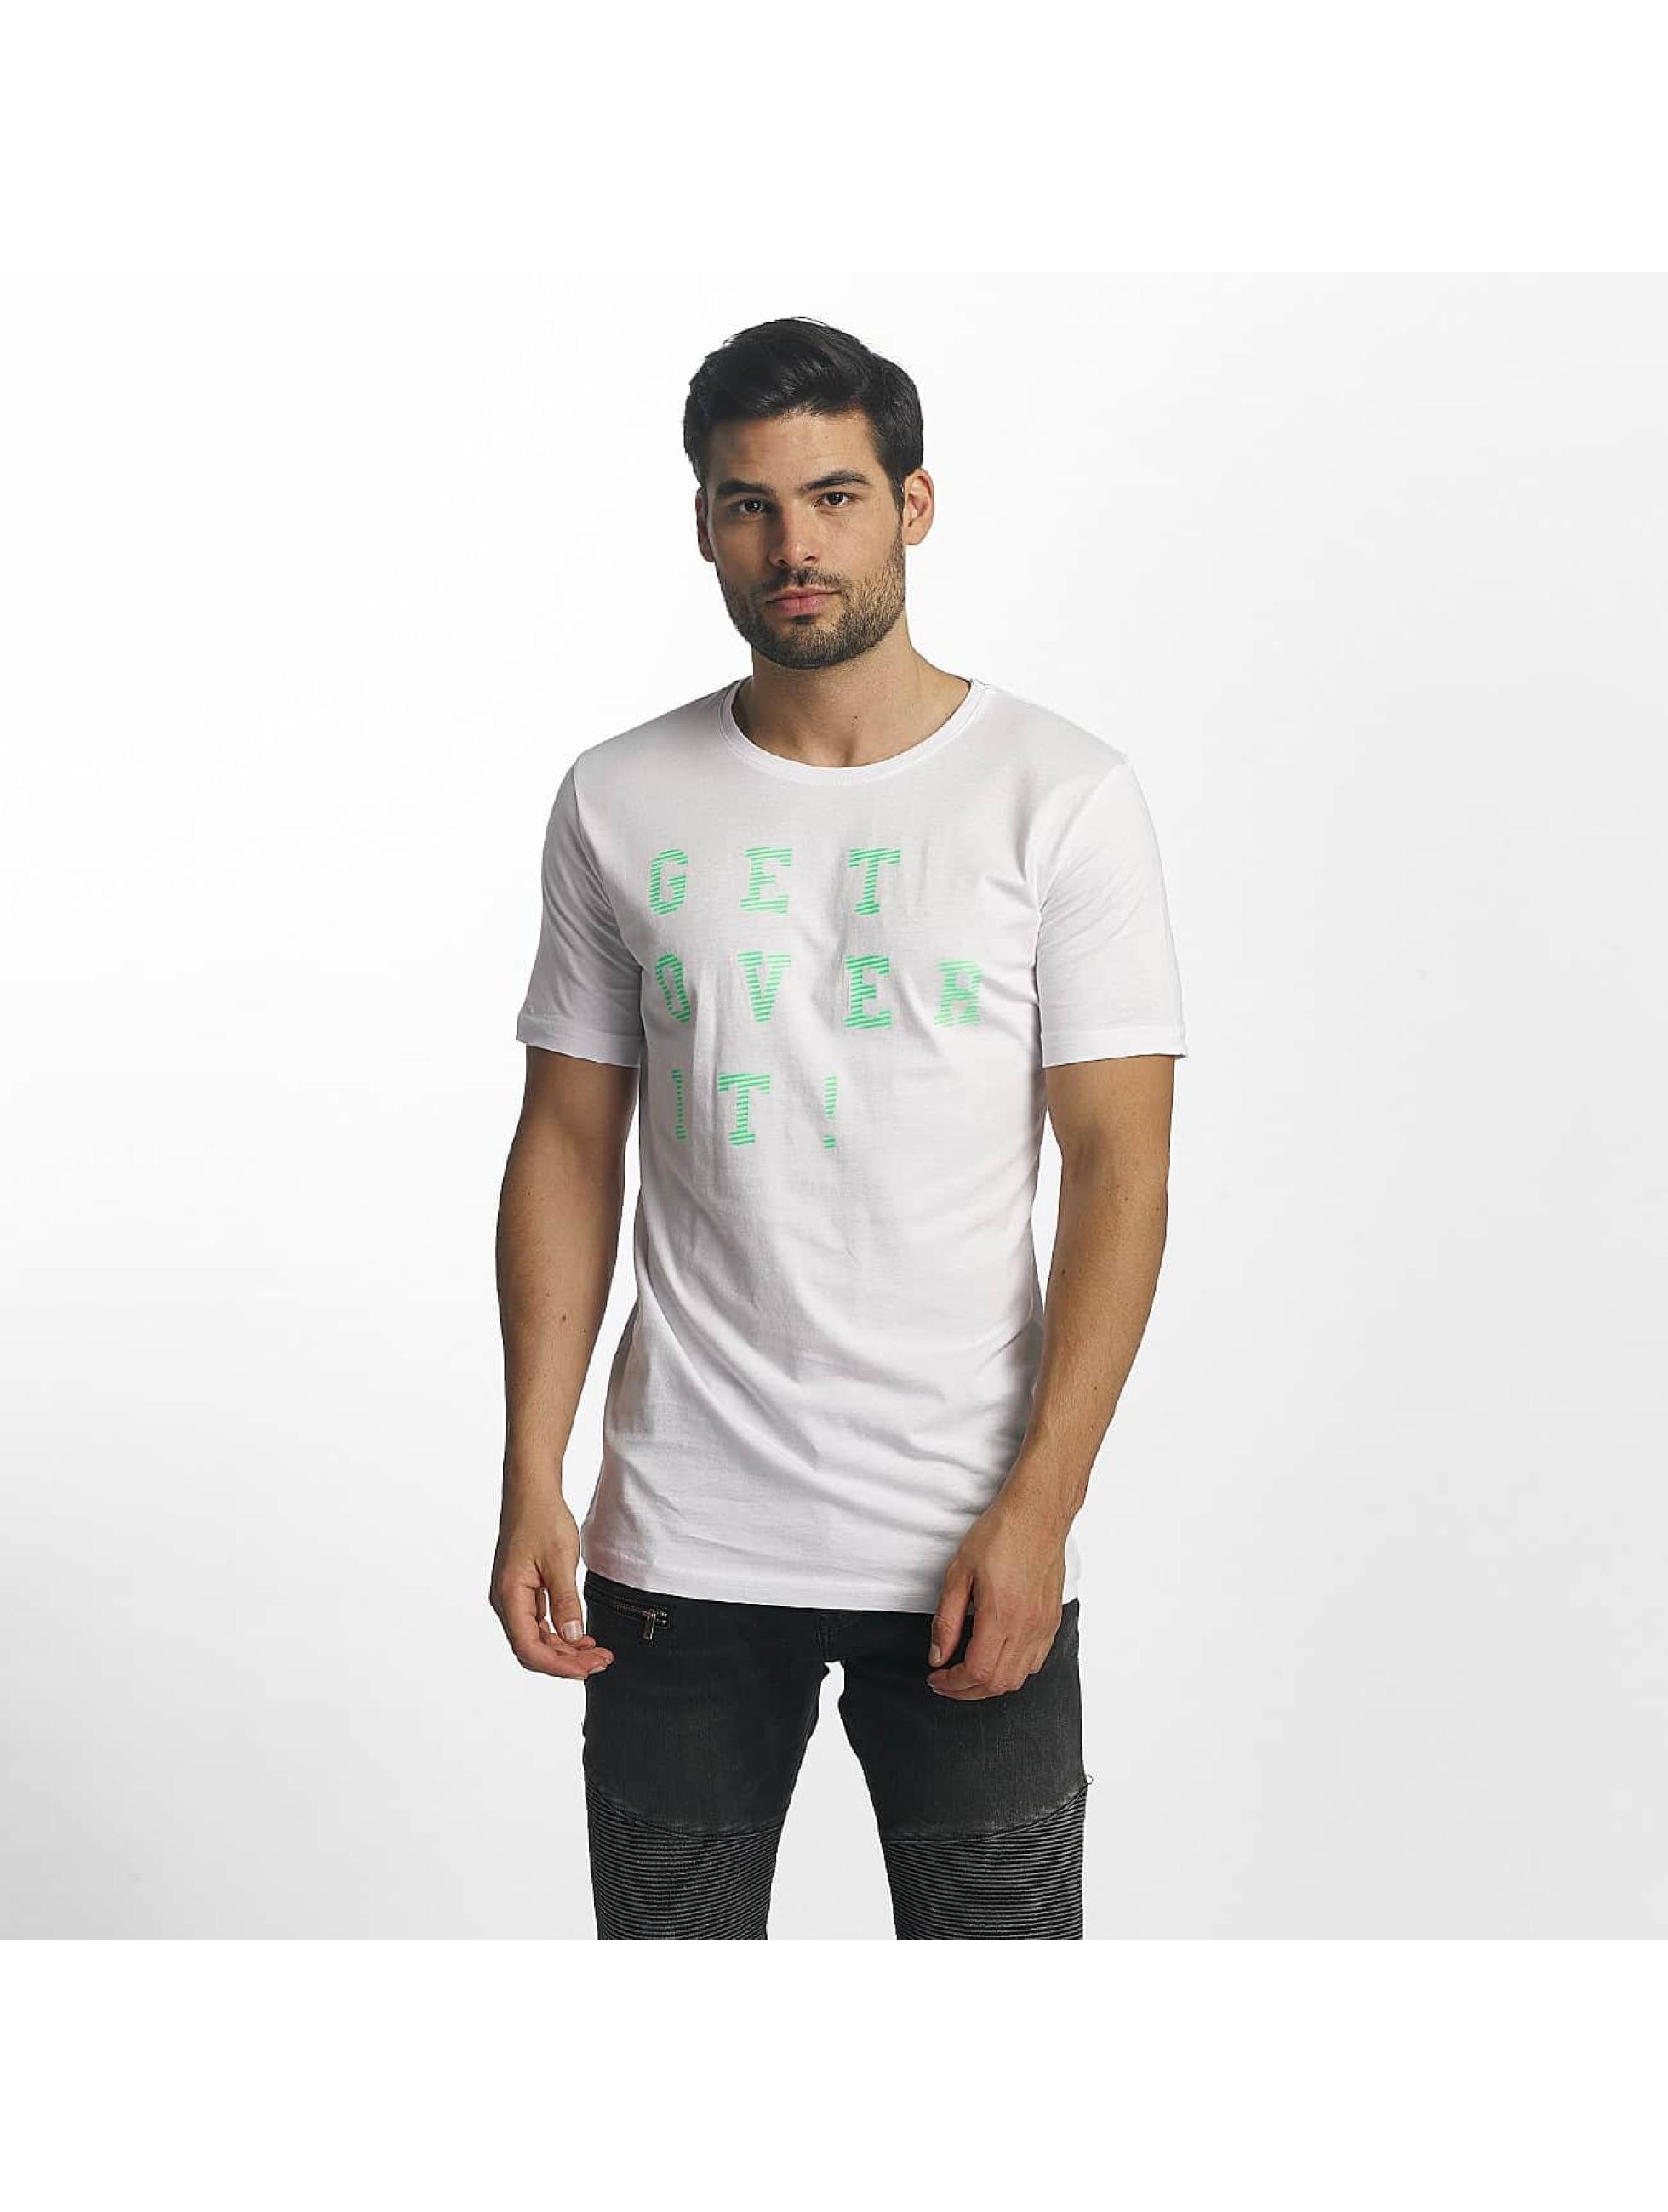 Paris Premium Camiseta Get Over It blanco